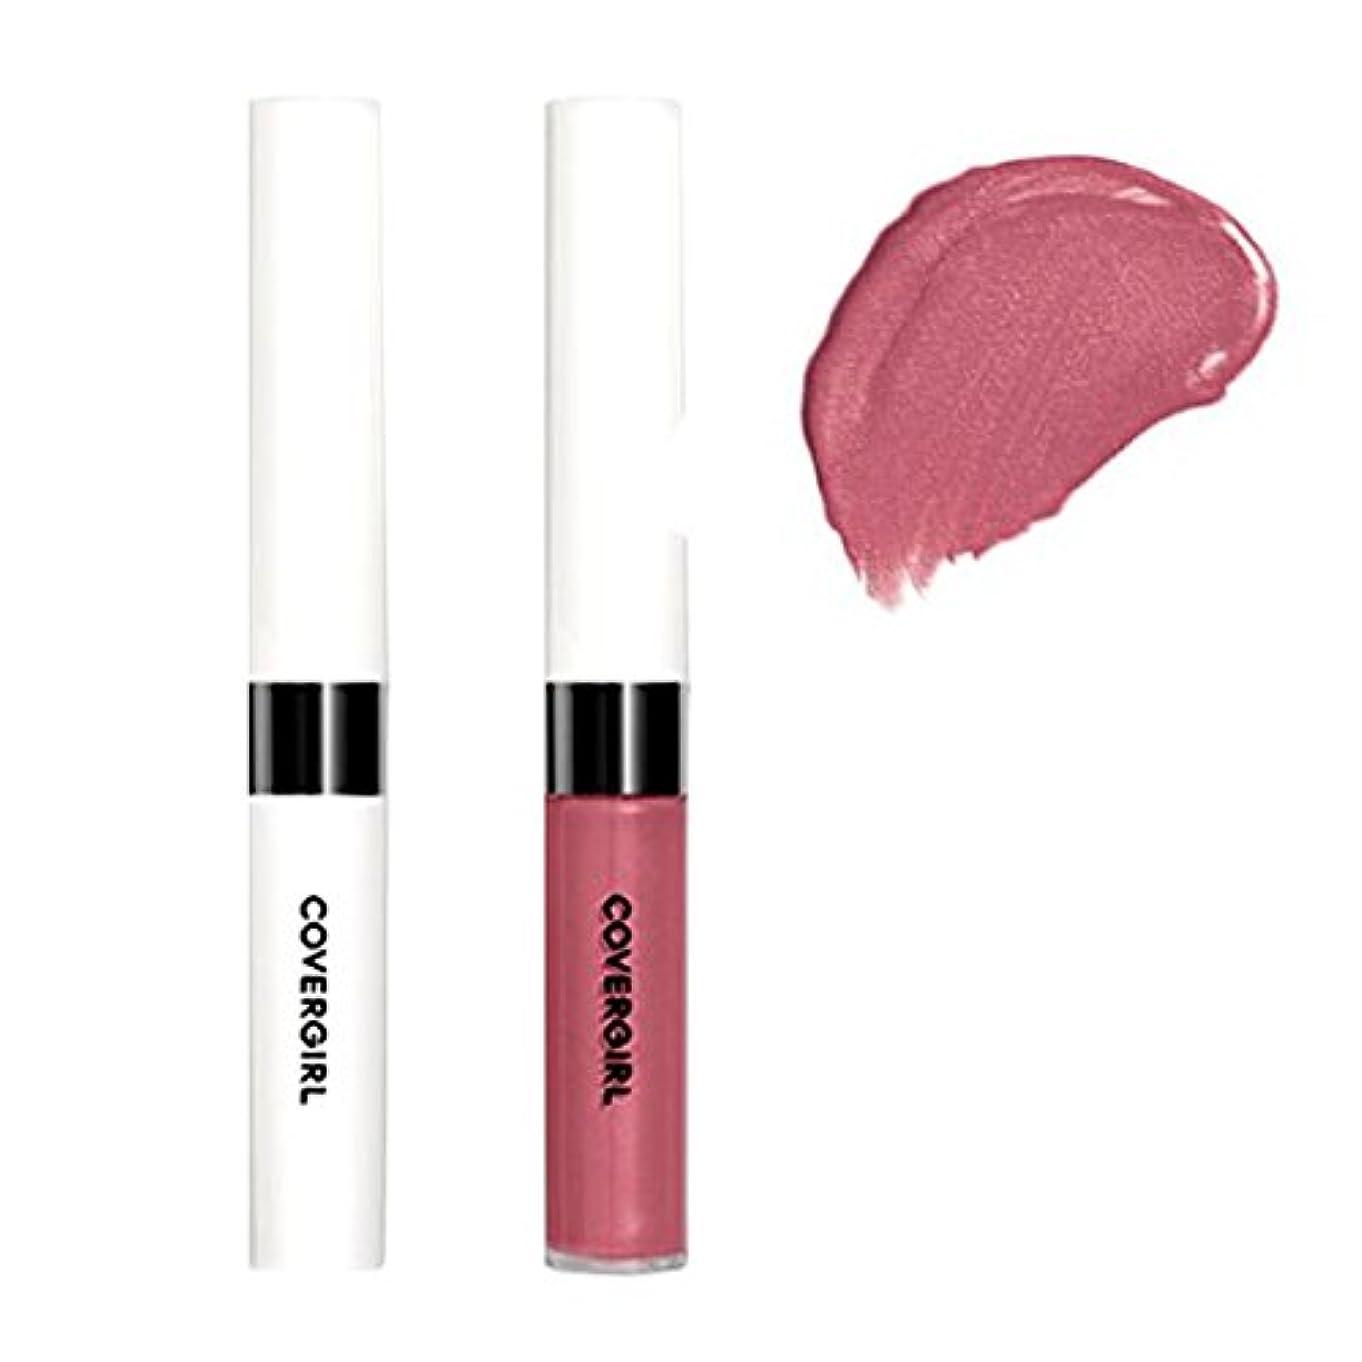 業界ゲーム年COVERGIRL Outlast All-Day Moisturizing Lip Color, 555 Blossom Berry (Packaging may vary) [海外直送品]